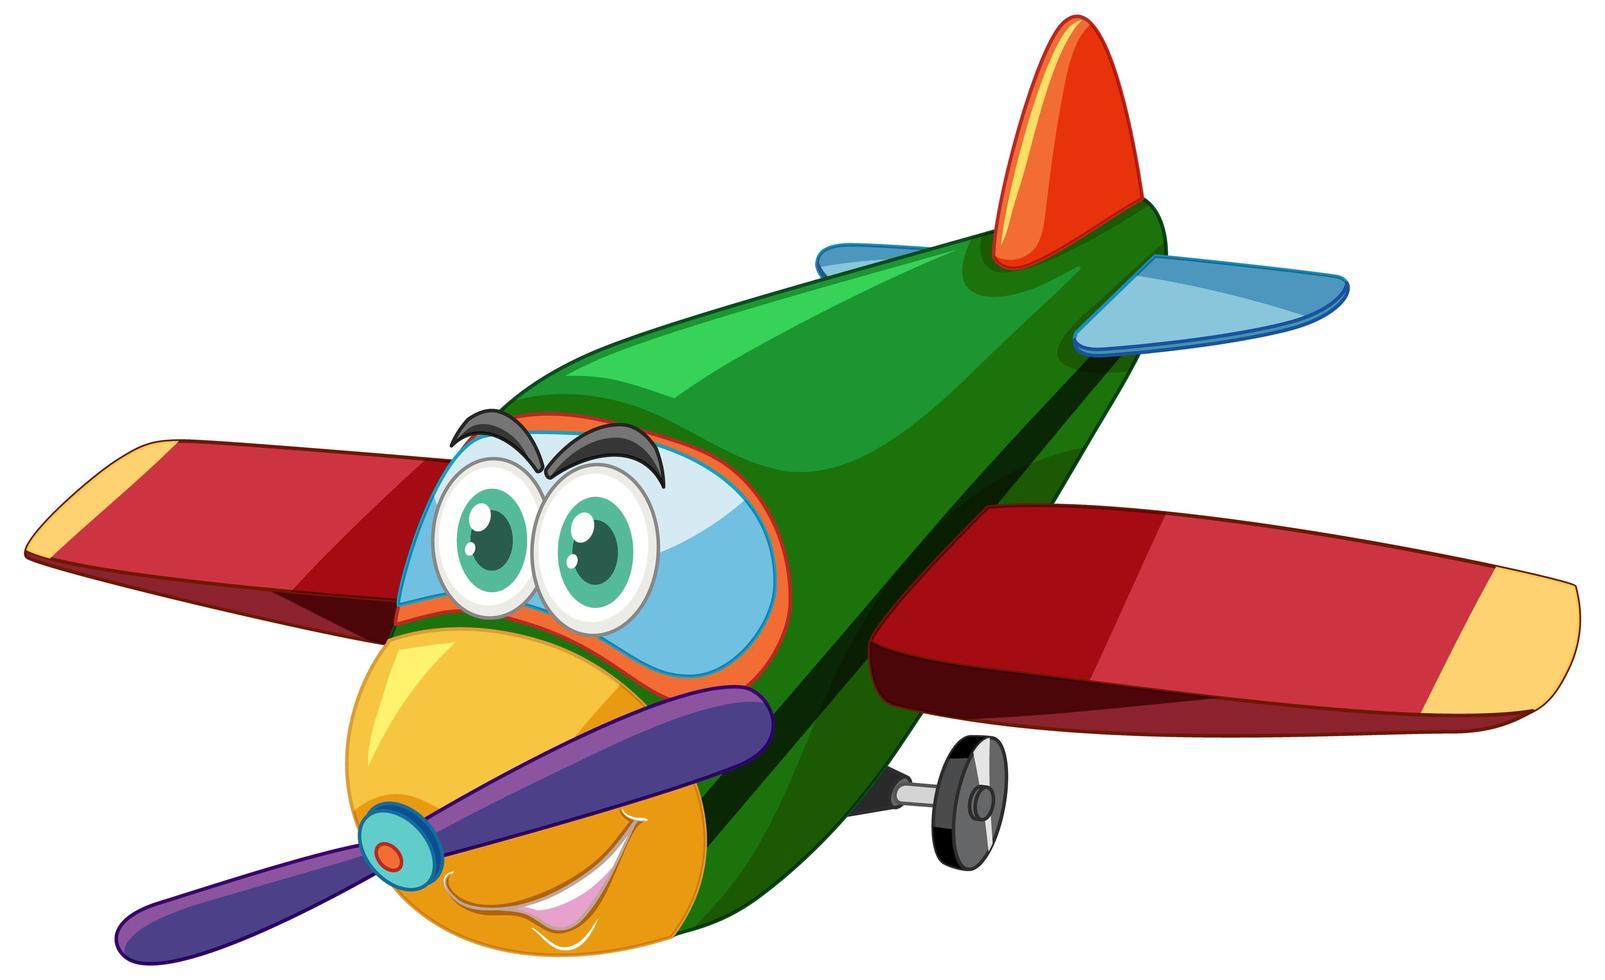 vliegtuig stripfiguur met grote ogen geïsoleerd vector